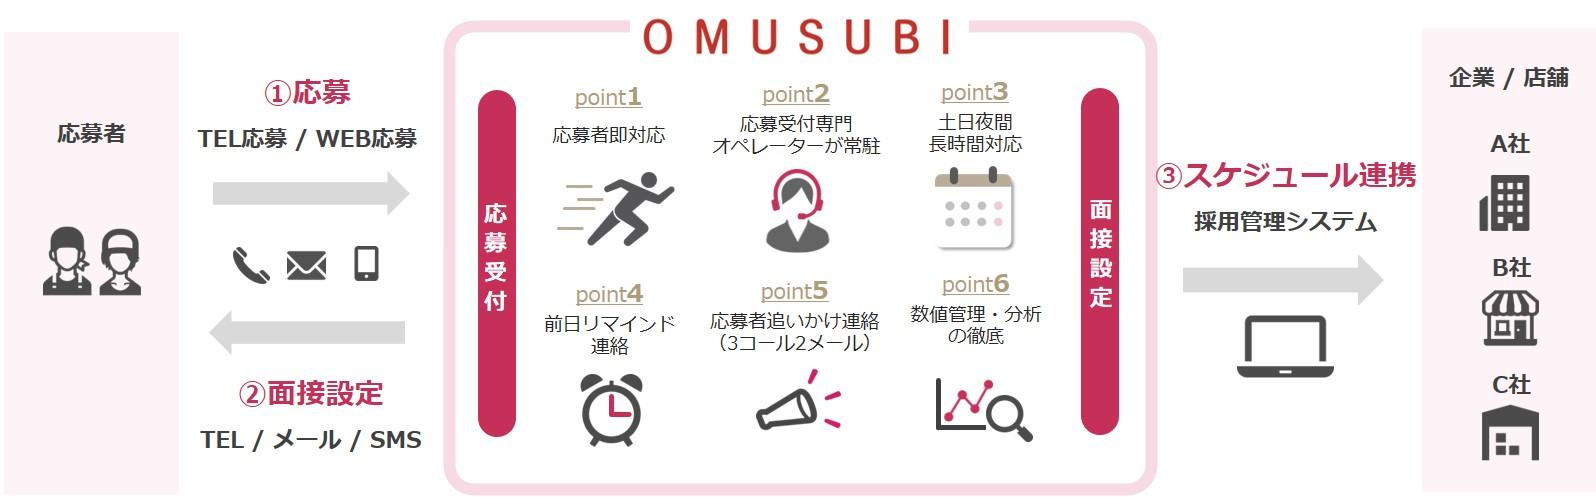 応募受付代行「OMUSUBI(オムスビ)」サービスフロー